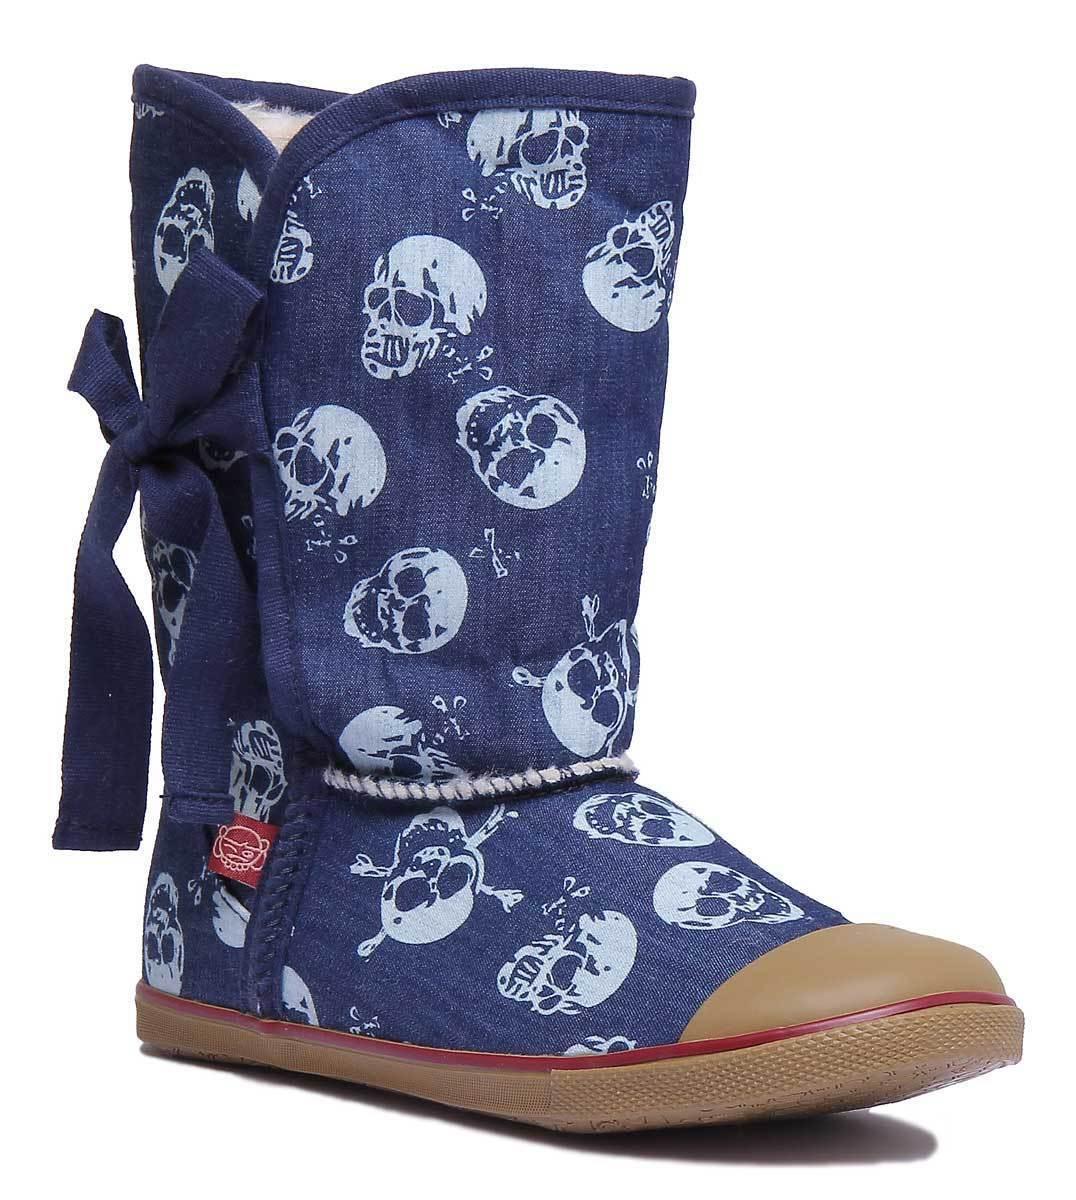 SUGAR scarpe ORIGAMI Asiatico Floreale Nero Nero Nero Donna altri in Tessuto Multi Misura 3 - 8 | flagship store  8bce85